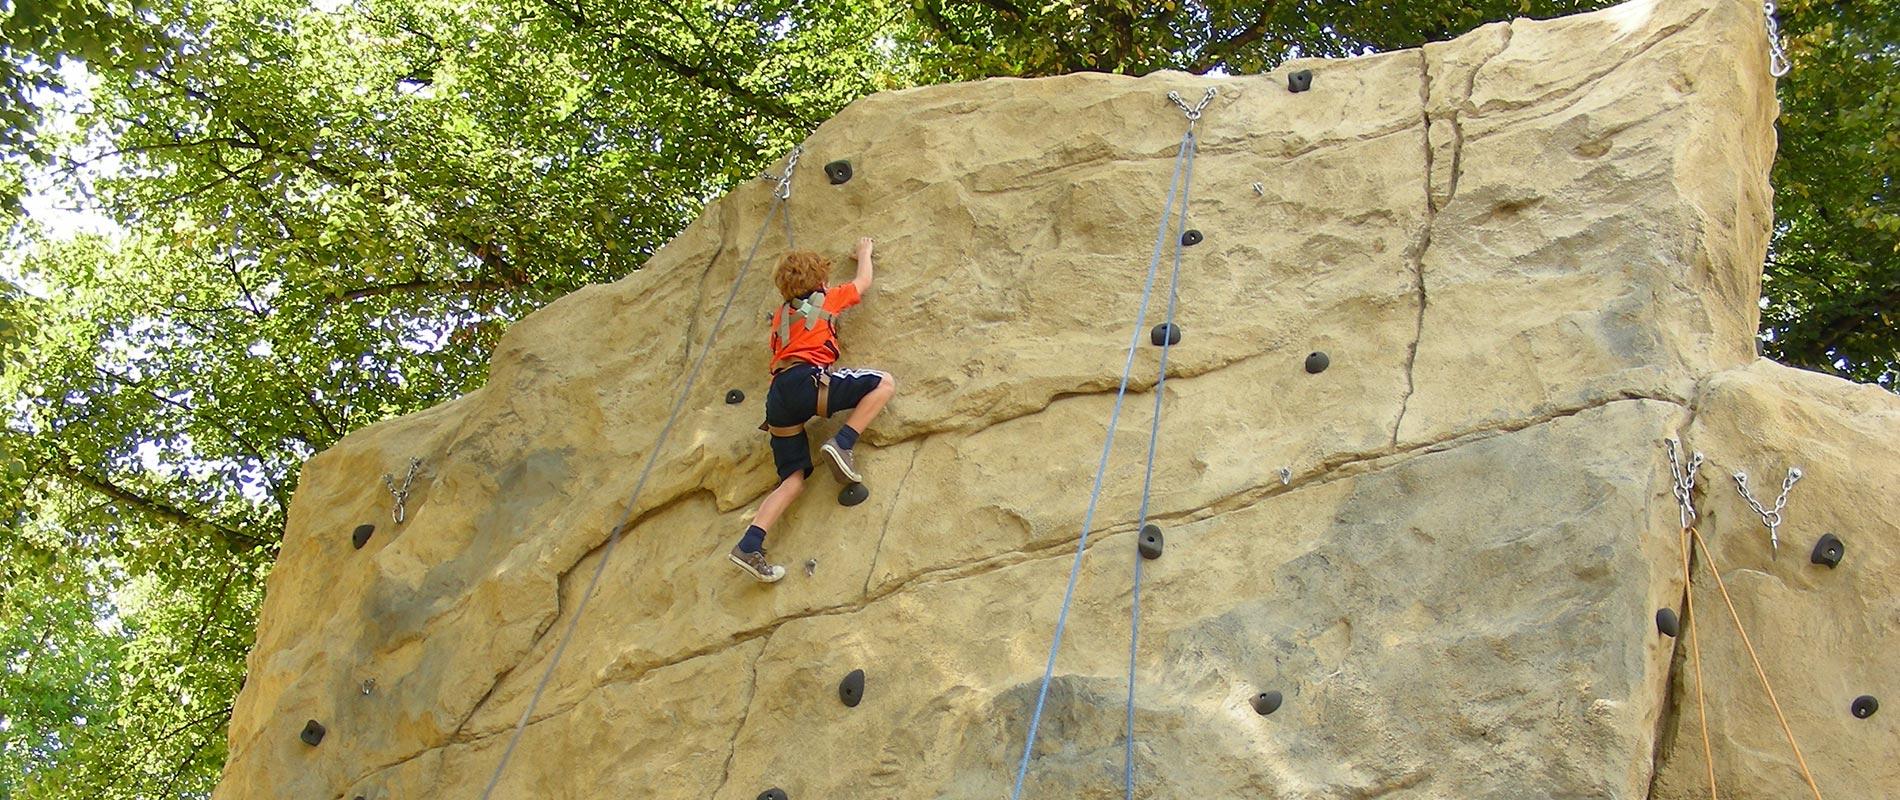 X-Move Kletteranlagen, Kletterfelsen, Boulderfelsen, Sportklettern - Planung und Umsetzung